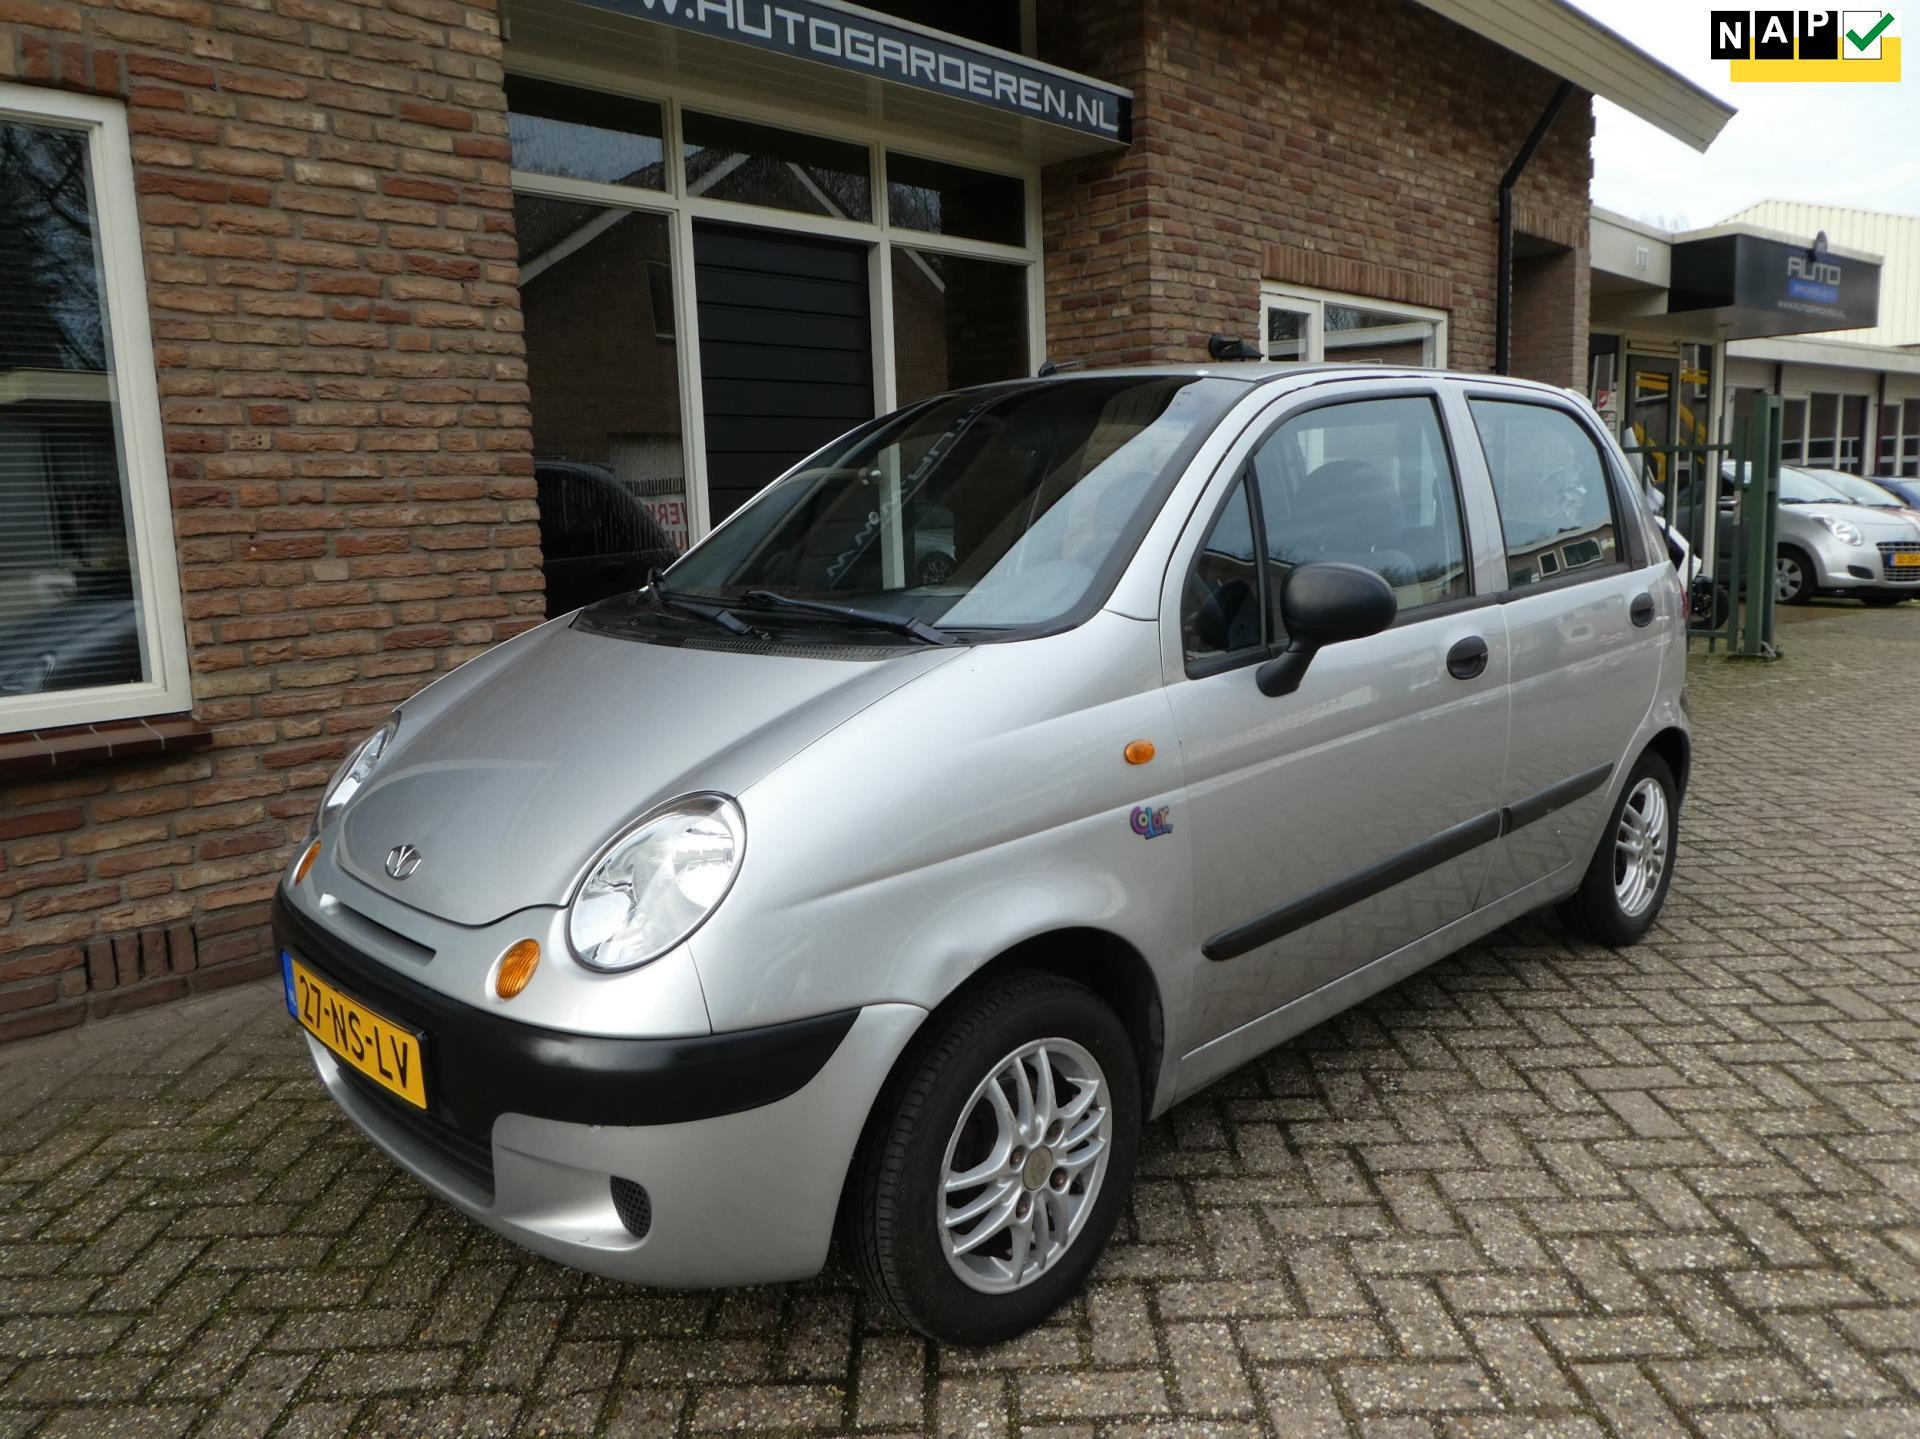 Daewoo Matiz occasion - Auto Garderen